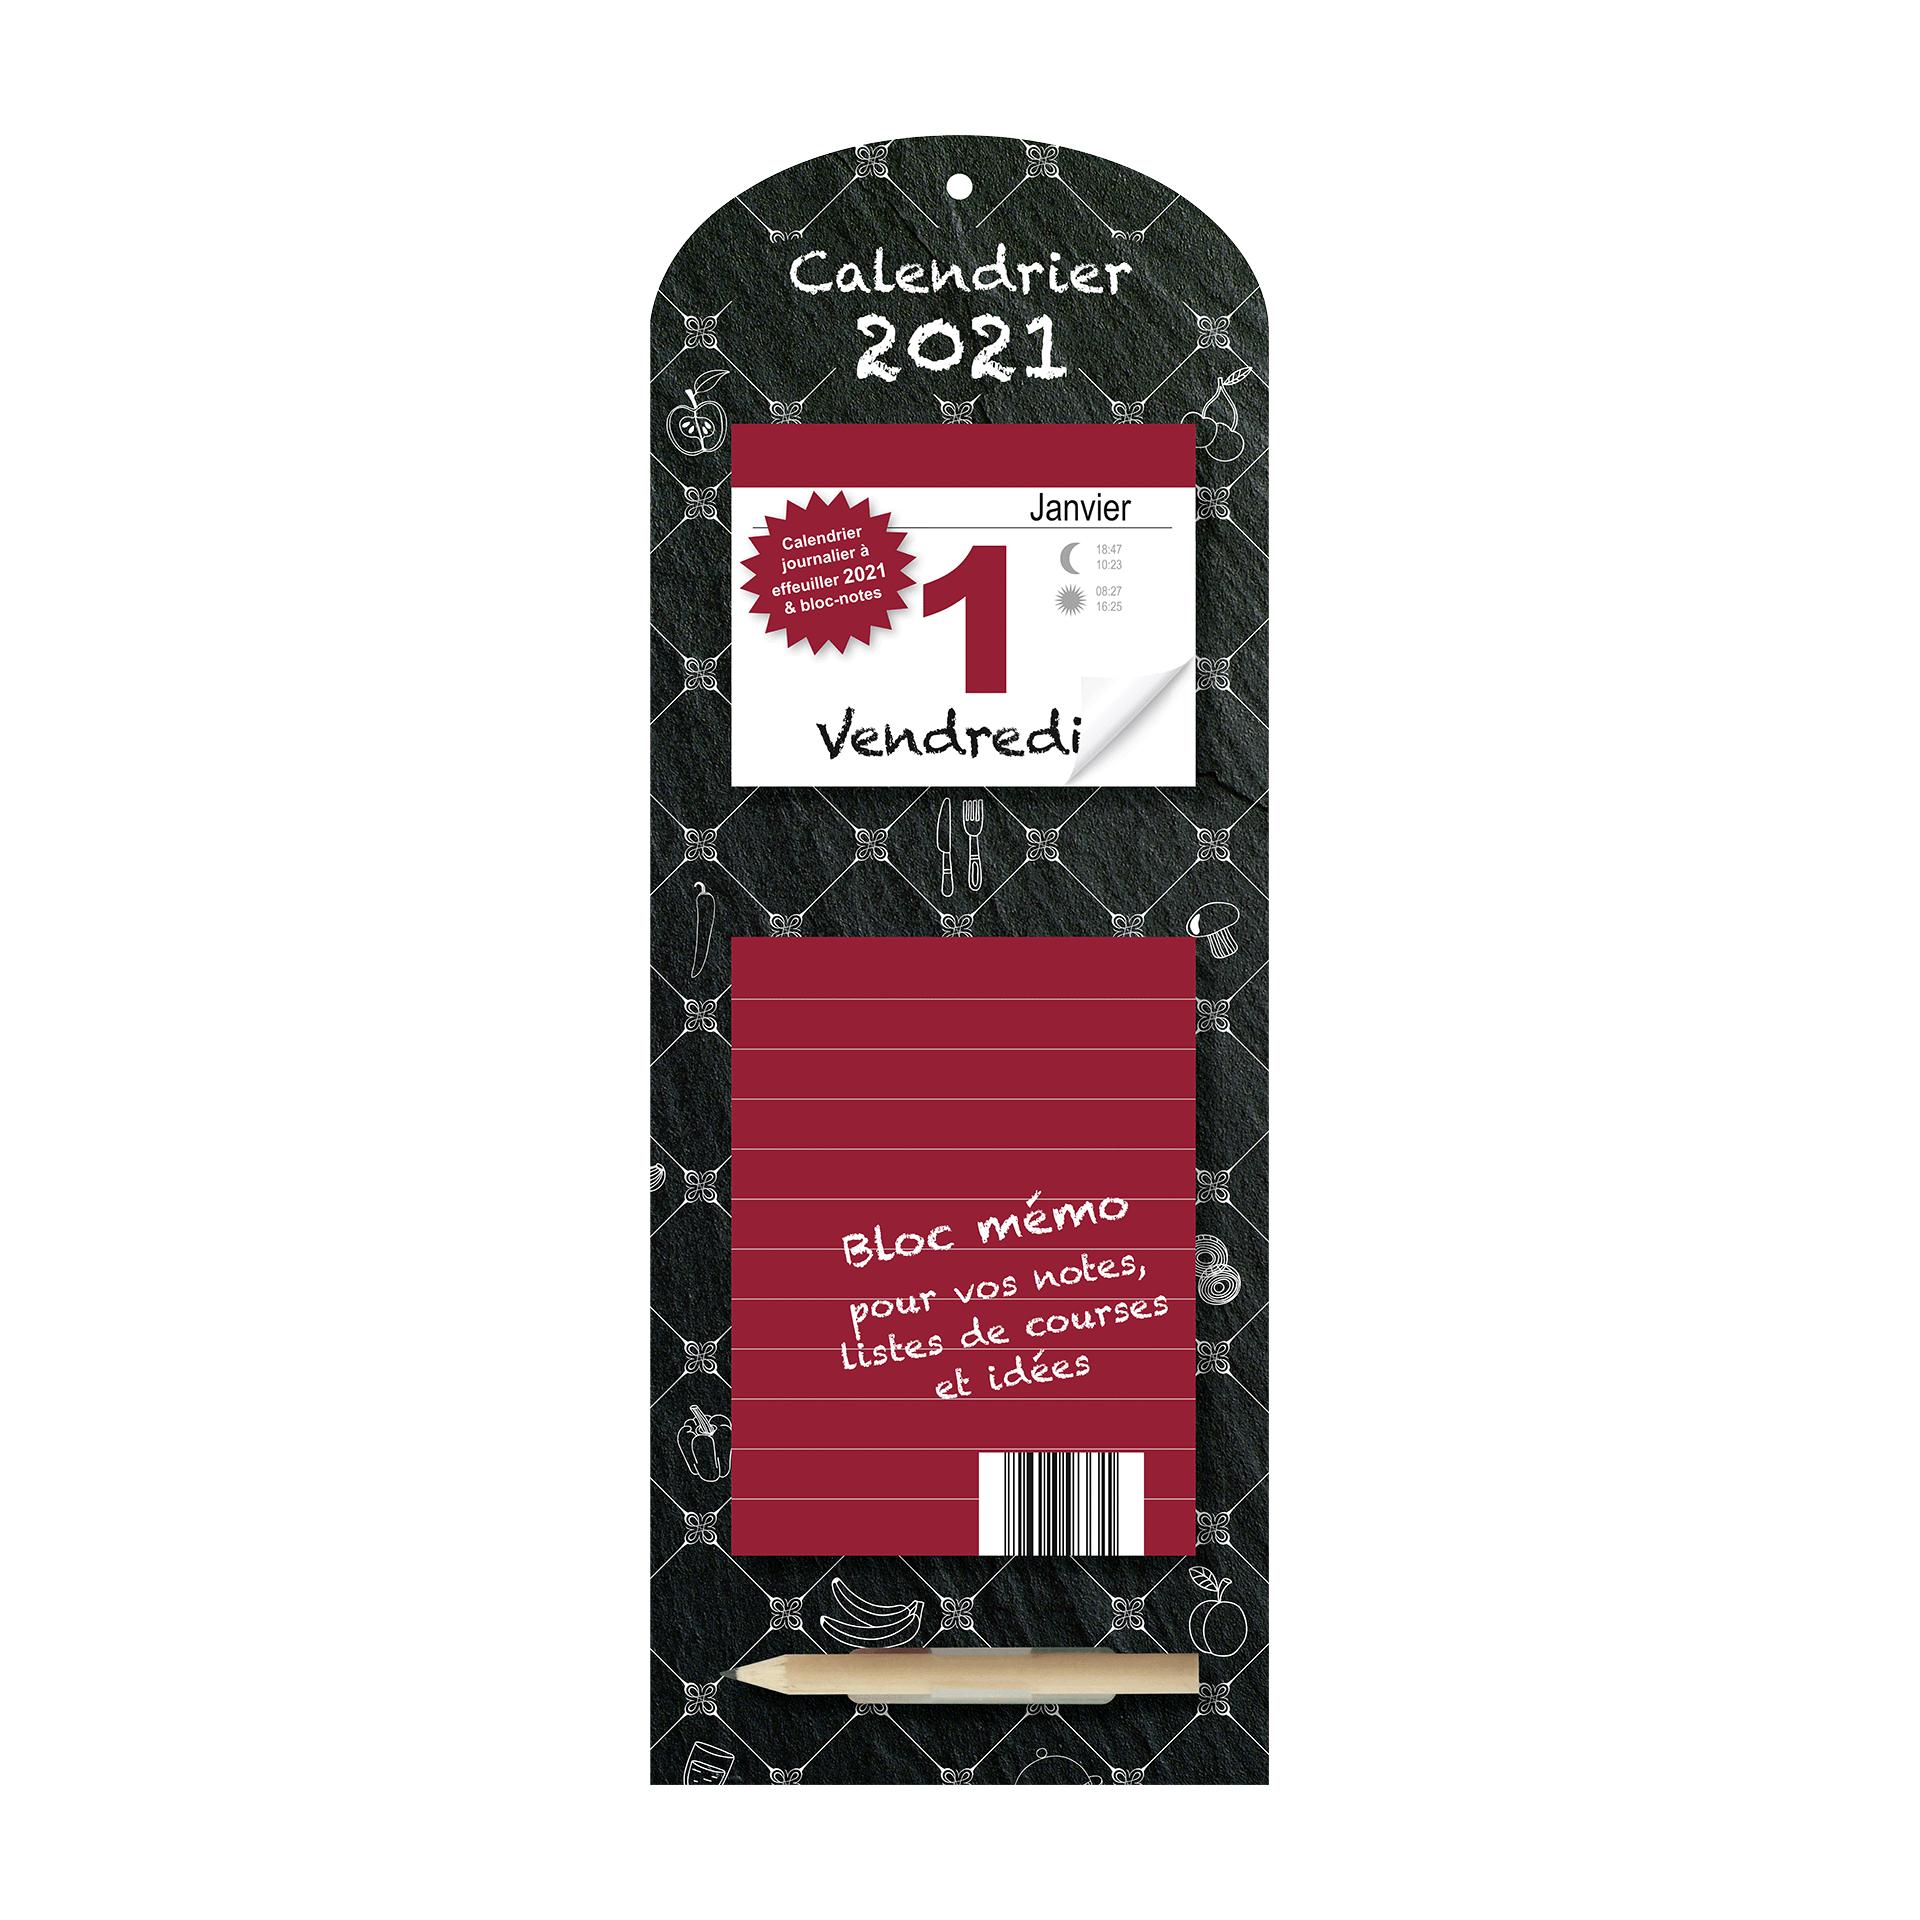 Calendrier mémo 2021 à bas prix chez ALDI